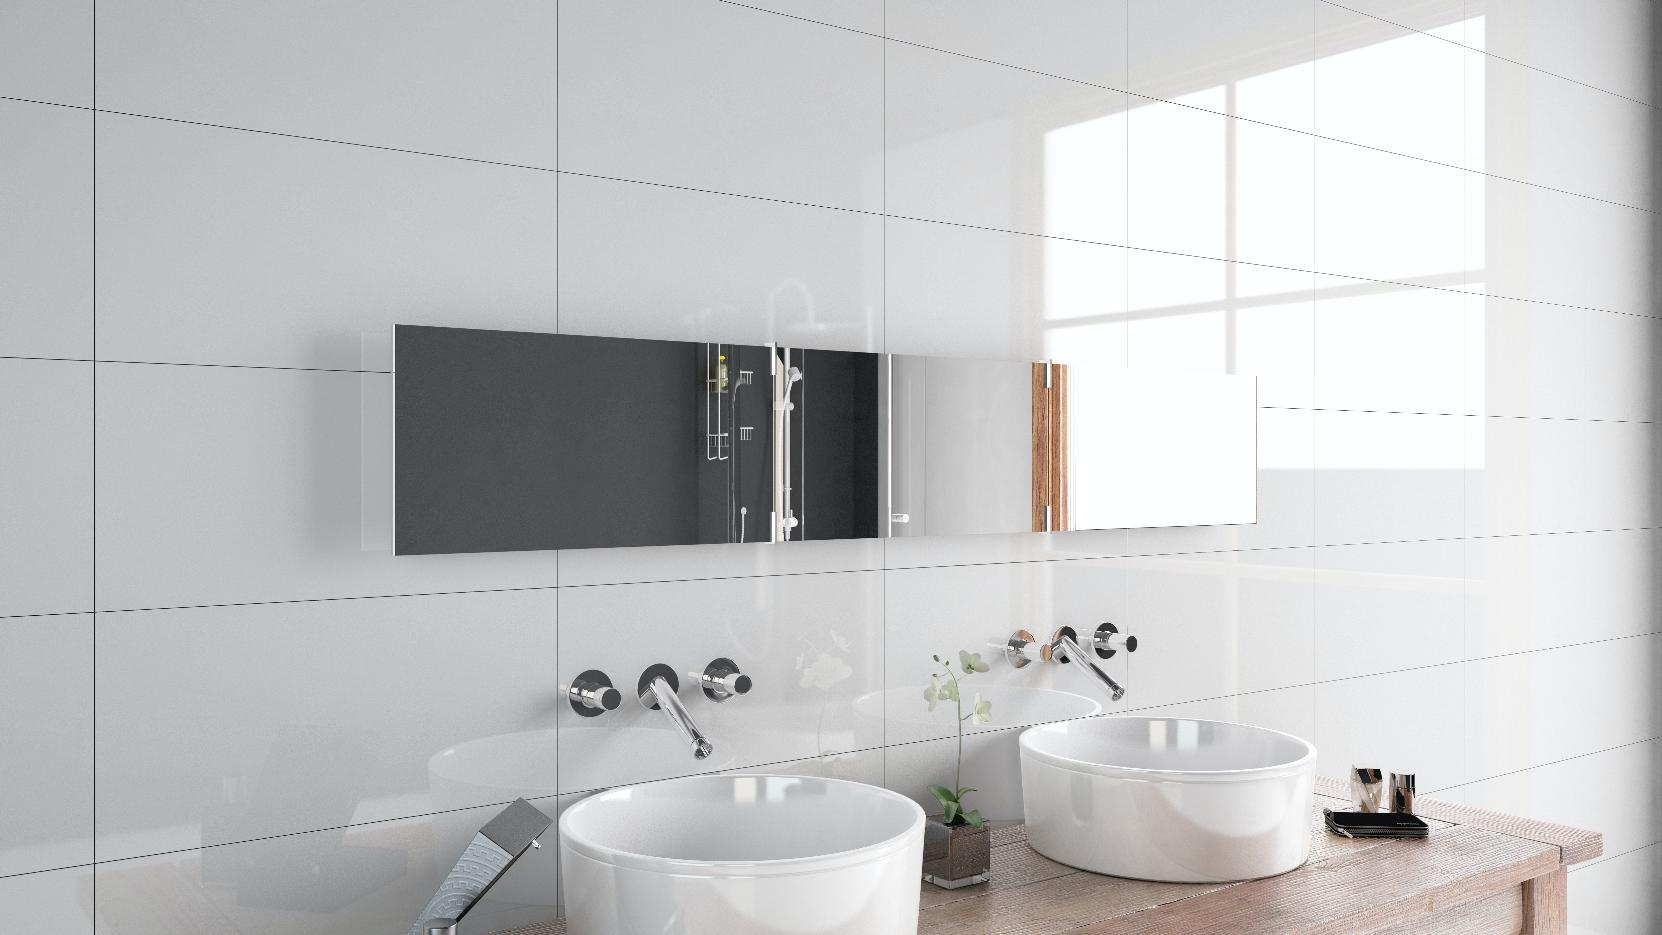 Artica blanco brillante, azulejo, baño, moderno, bowls ...